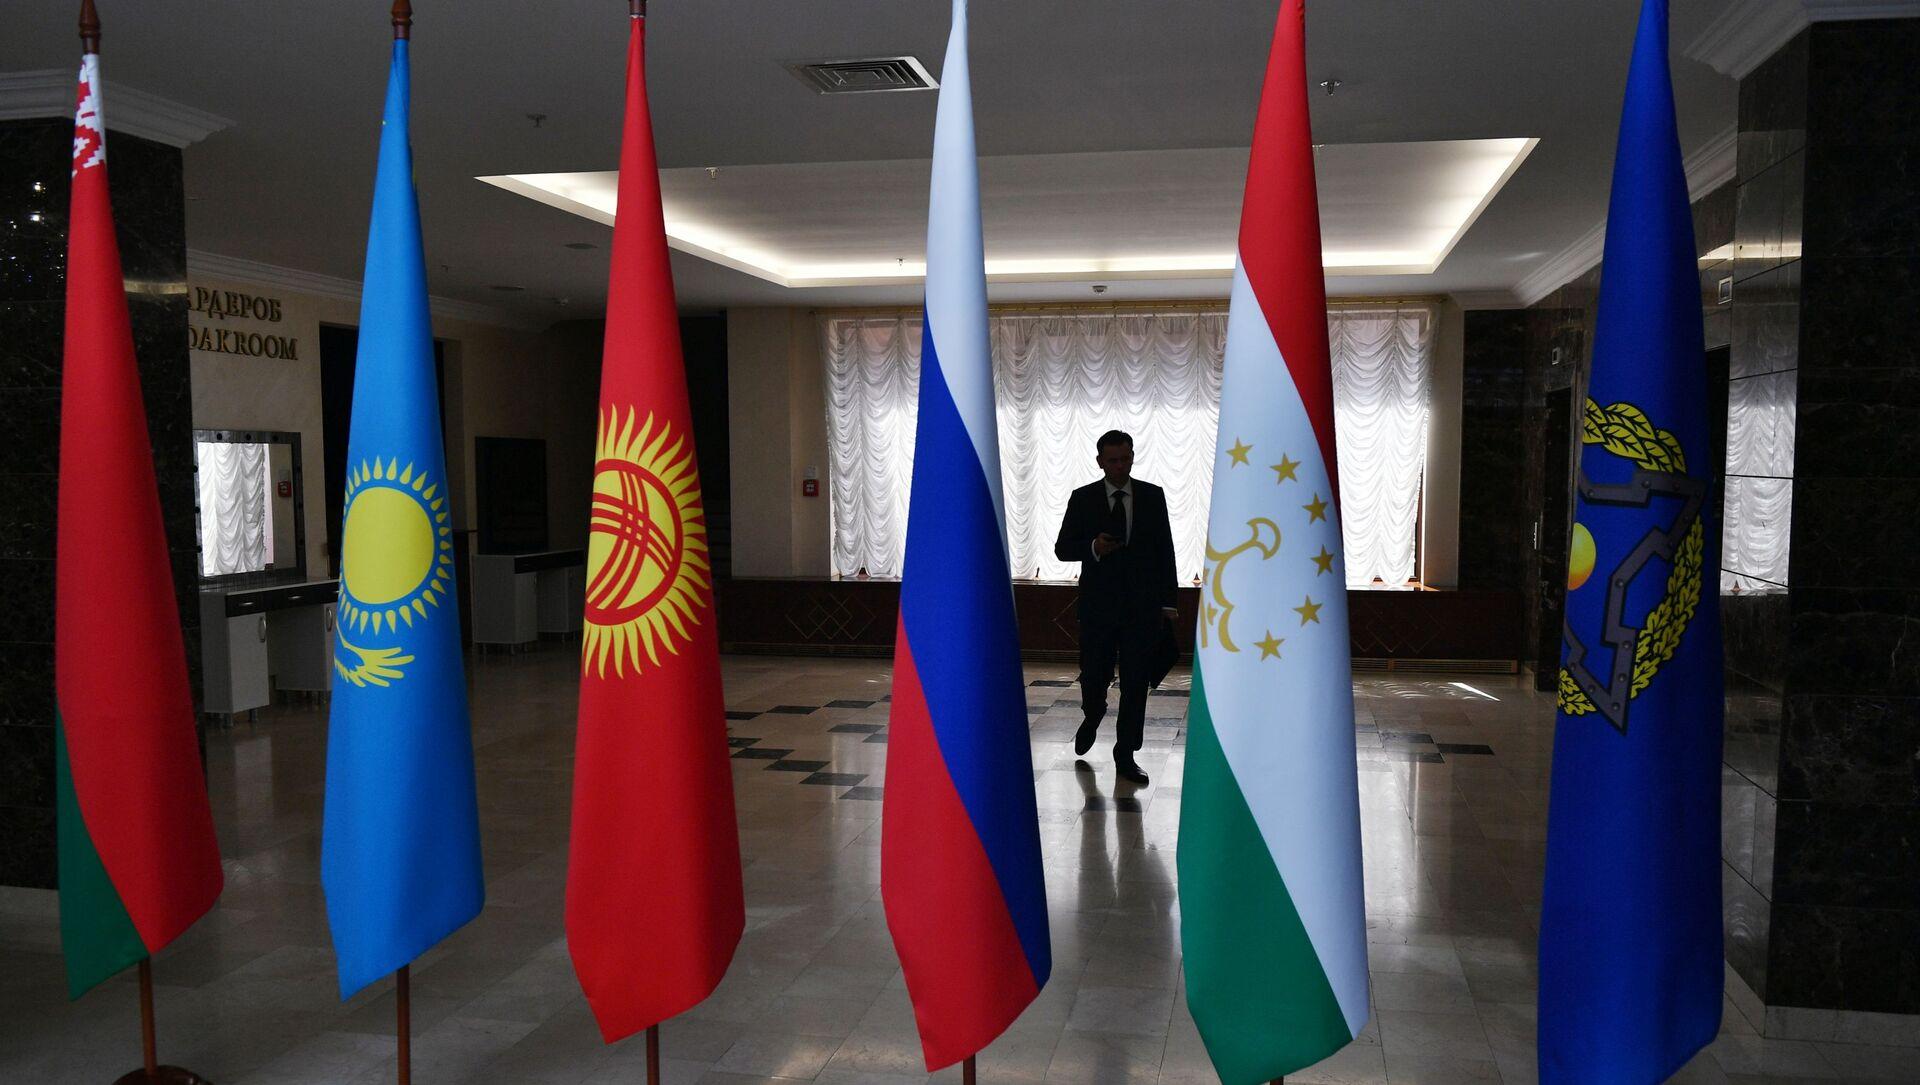 Флаги стран-участниц Организации Договора о коллективной безопасности (ОДКБ), фото из архива - Sputnik Азербайджан, 1920, 23.08.2021